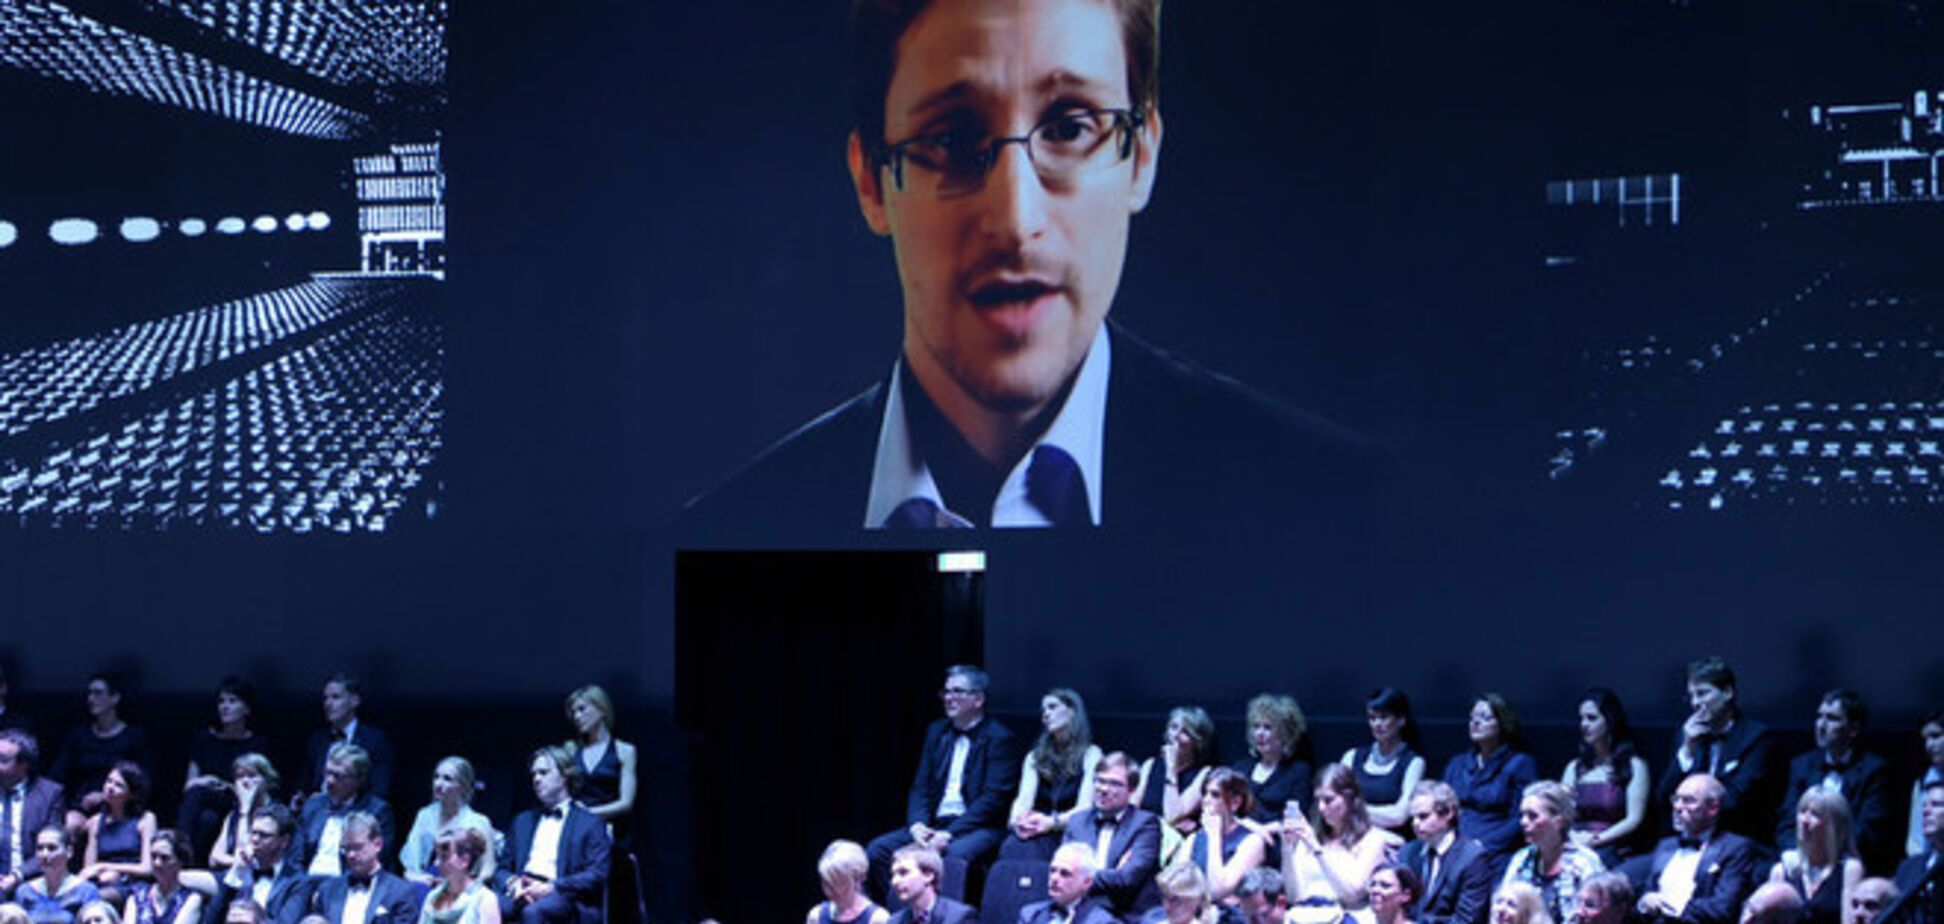 Німеччина нагородила Сноудена за викриття спецслужб США